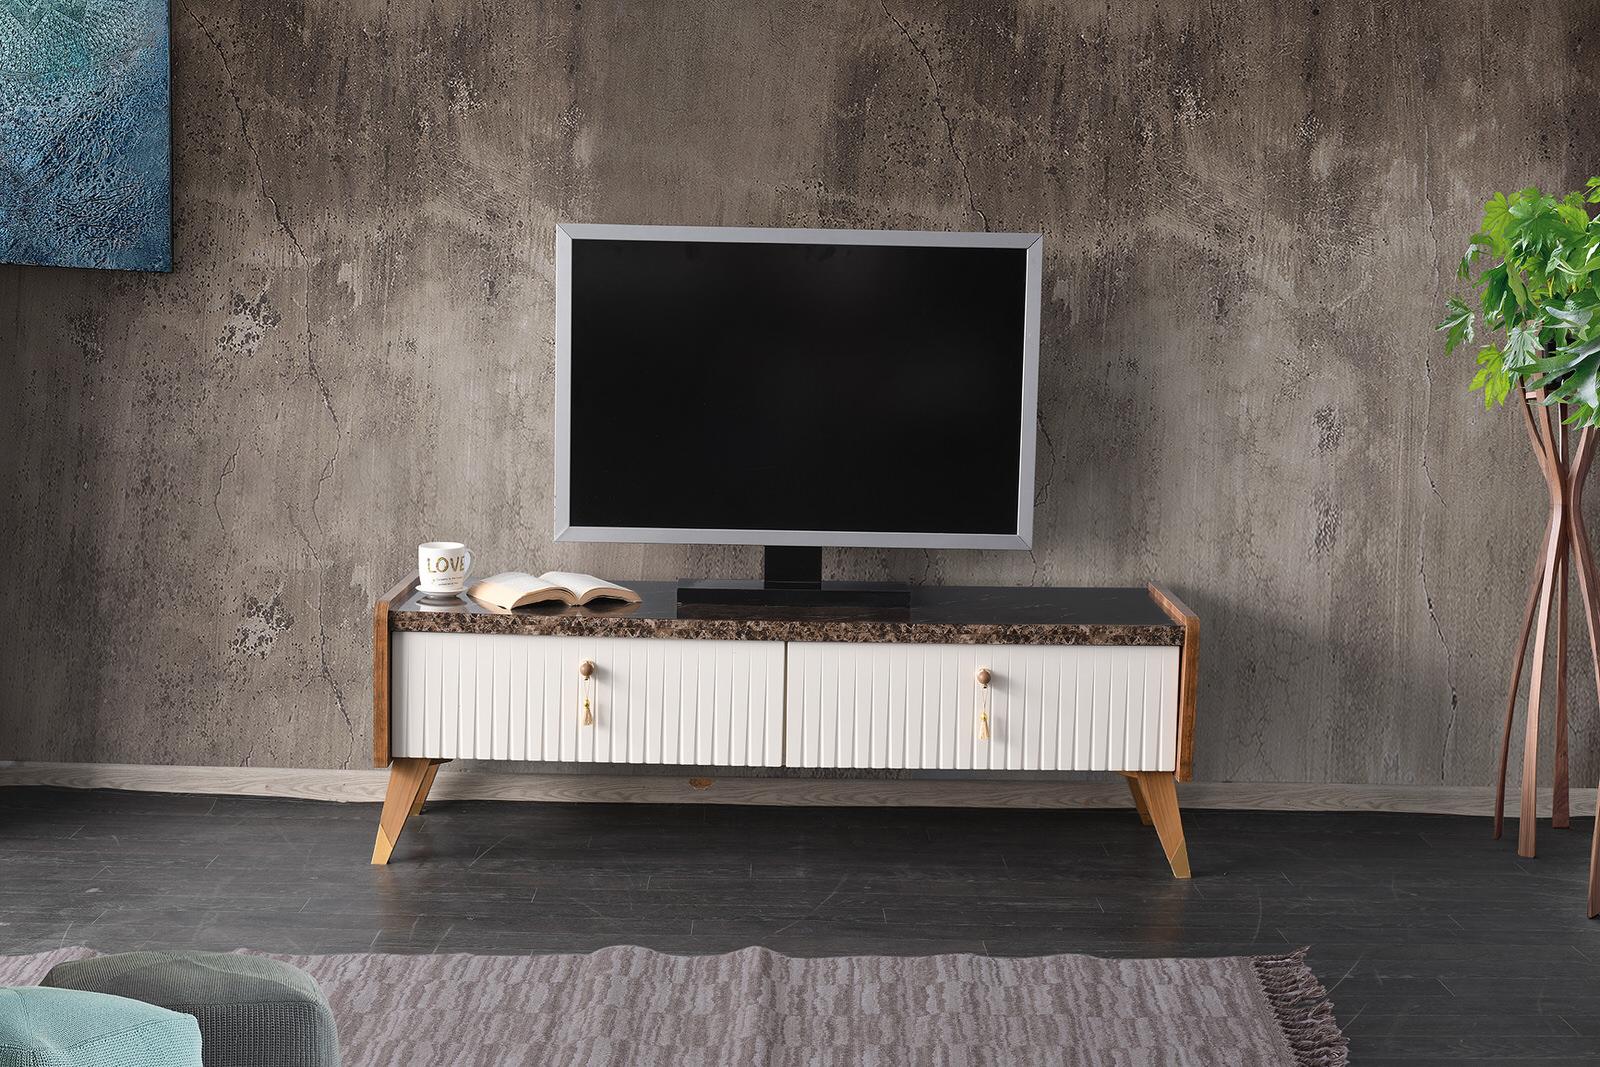 Lotus Tv Sehpası